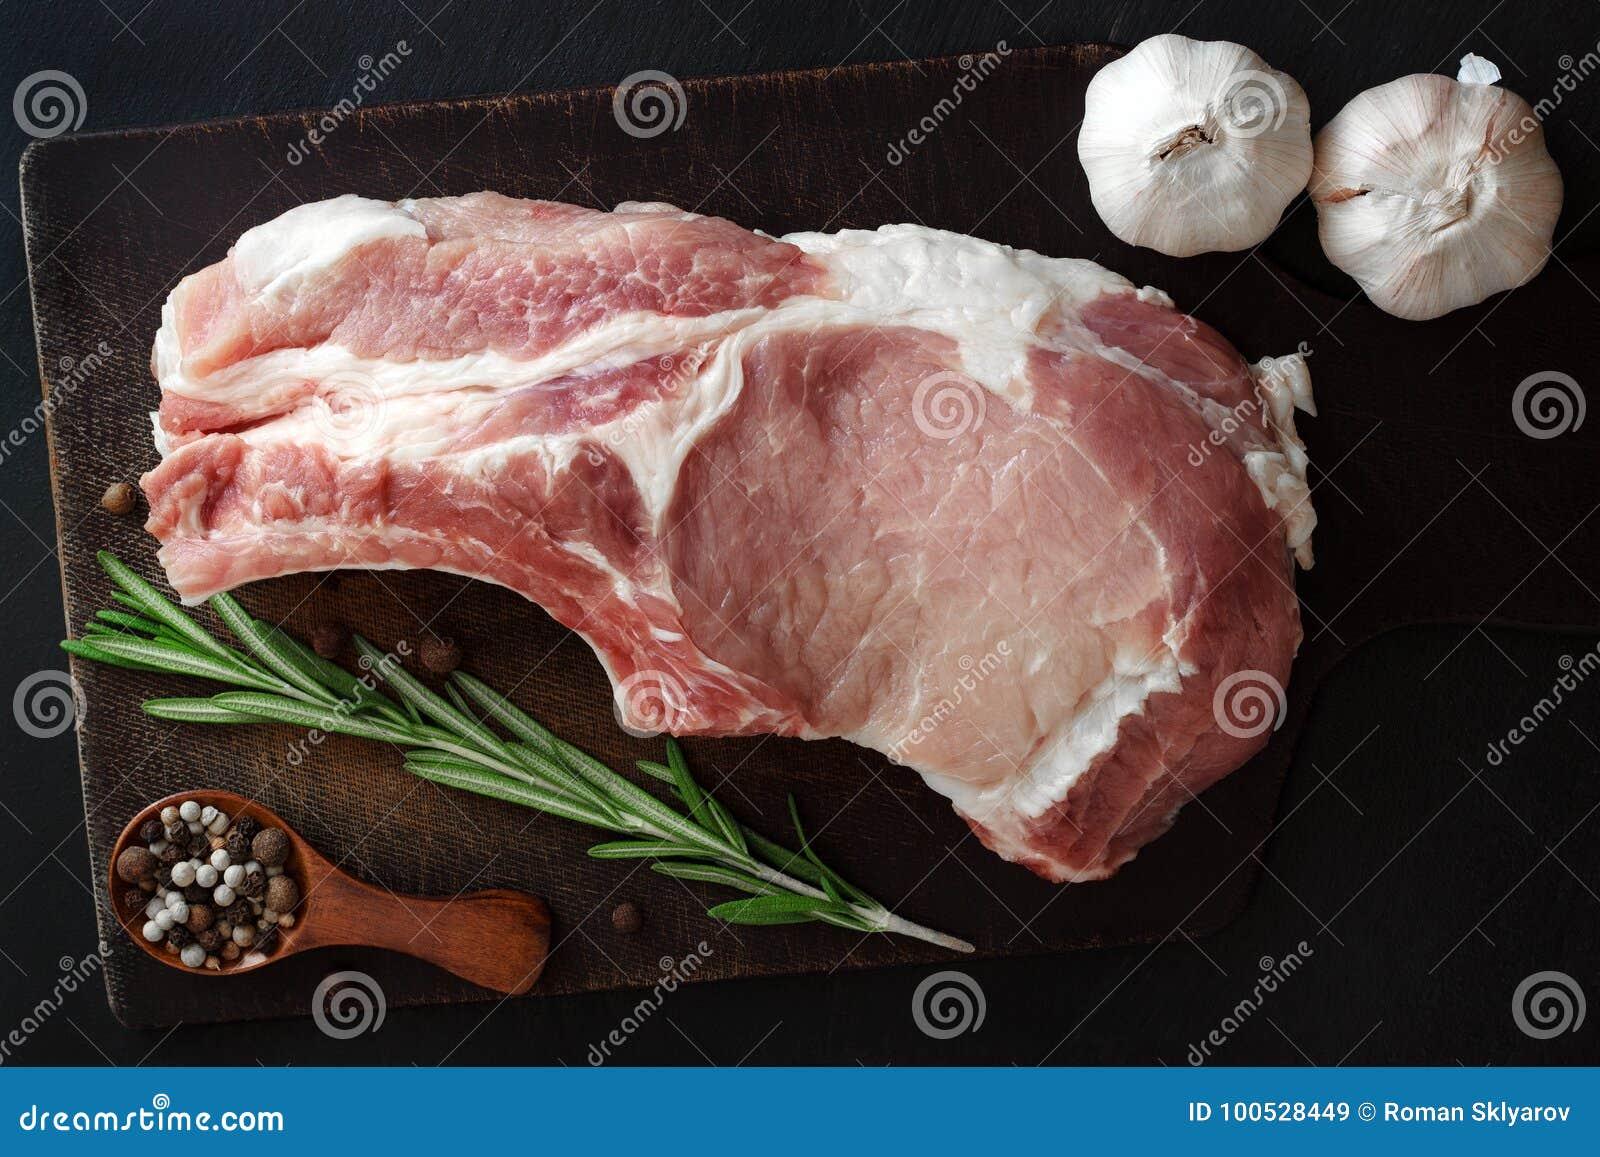 How to cook pork entrecote 87